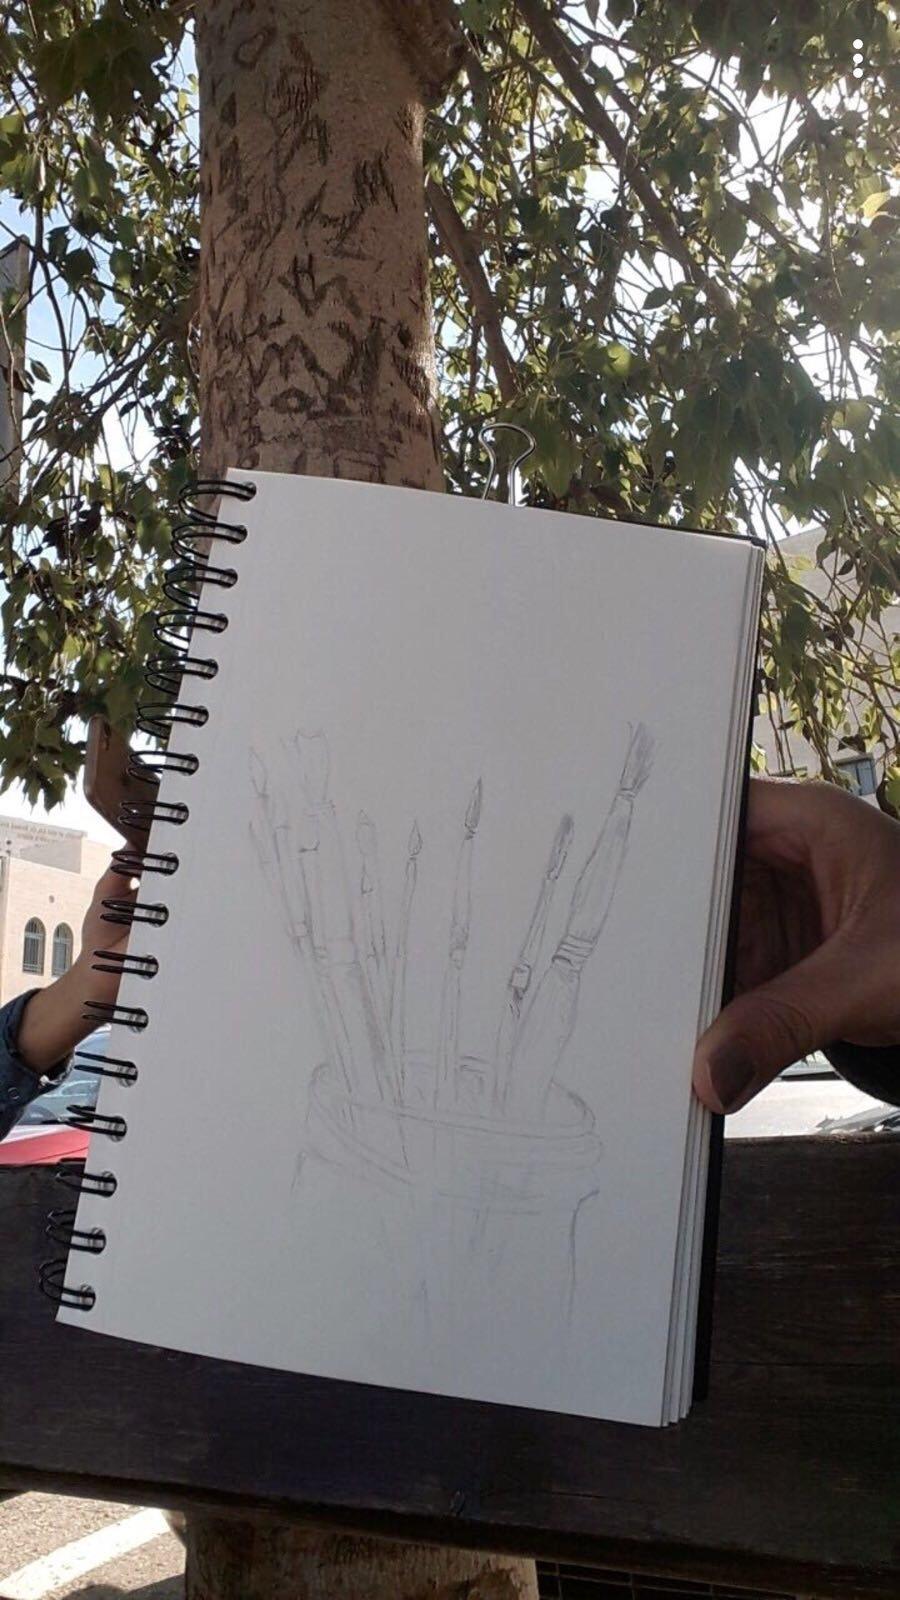 أفنان عقاد من جت.. طالبة لقب اول في الفنون وفي طريقها للاحتراف